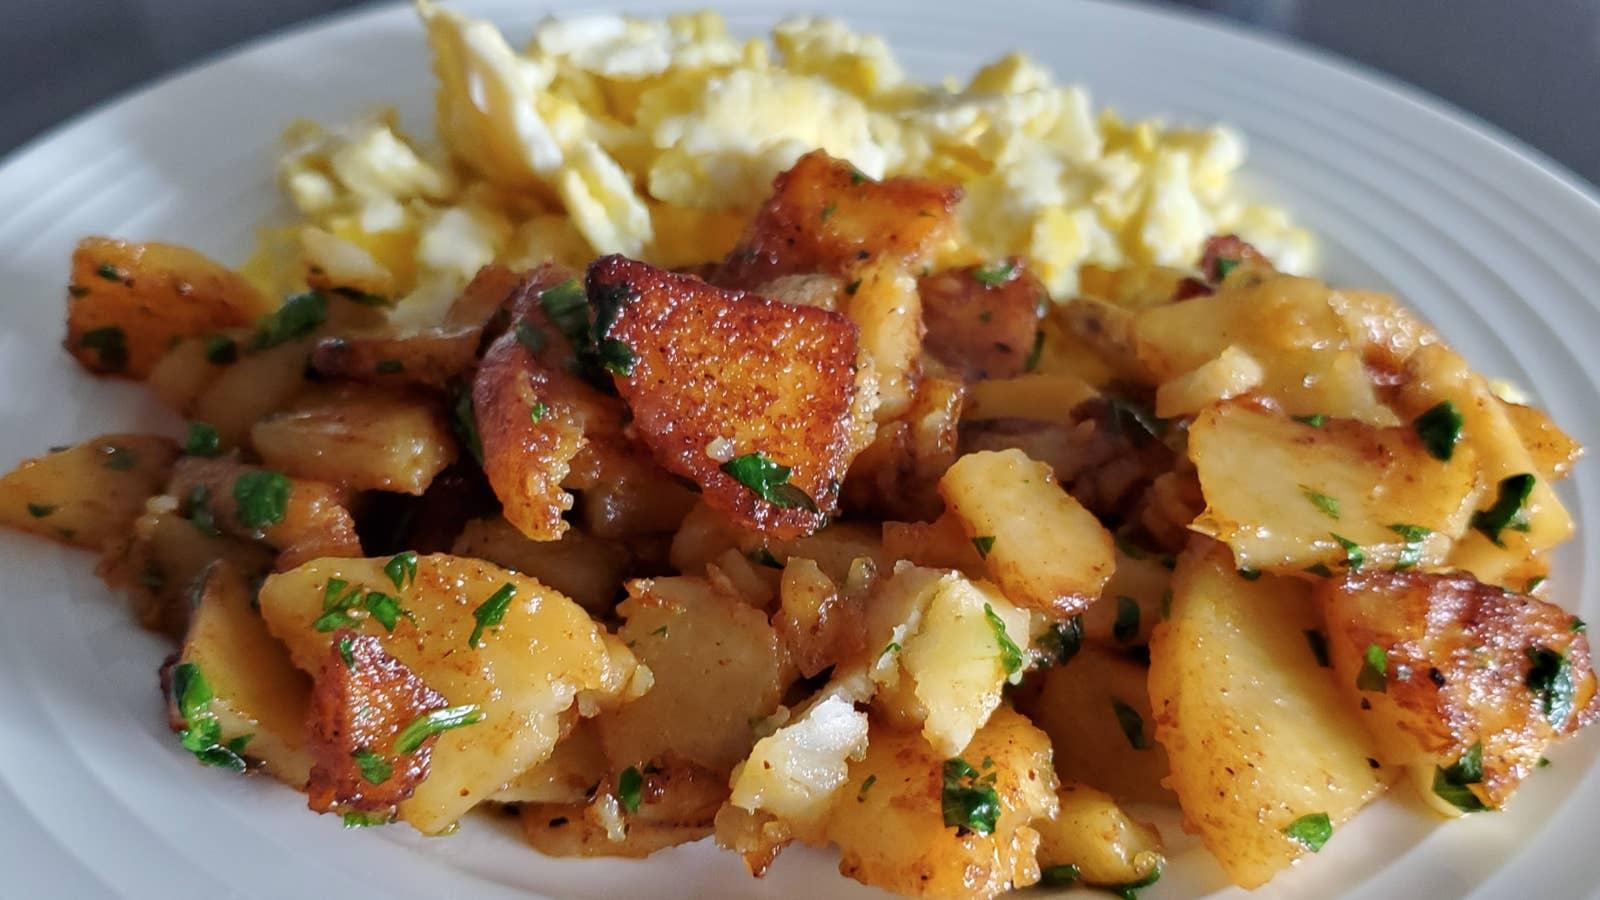 Crispy Pan-Fried Breakfast Potatoes